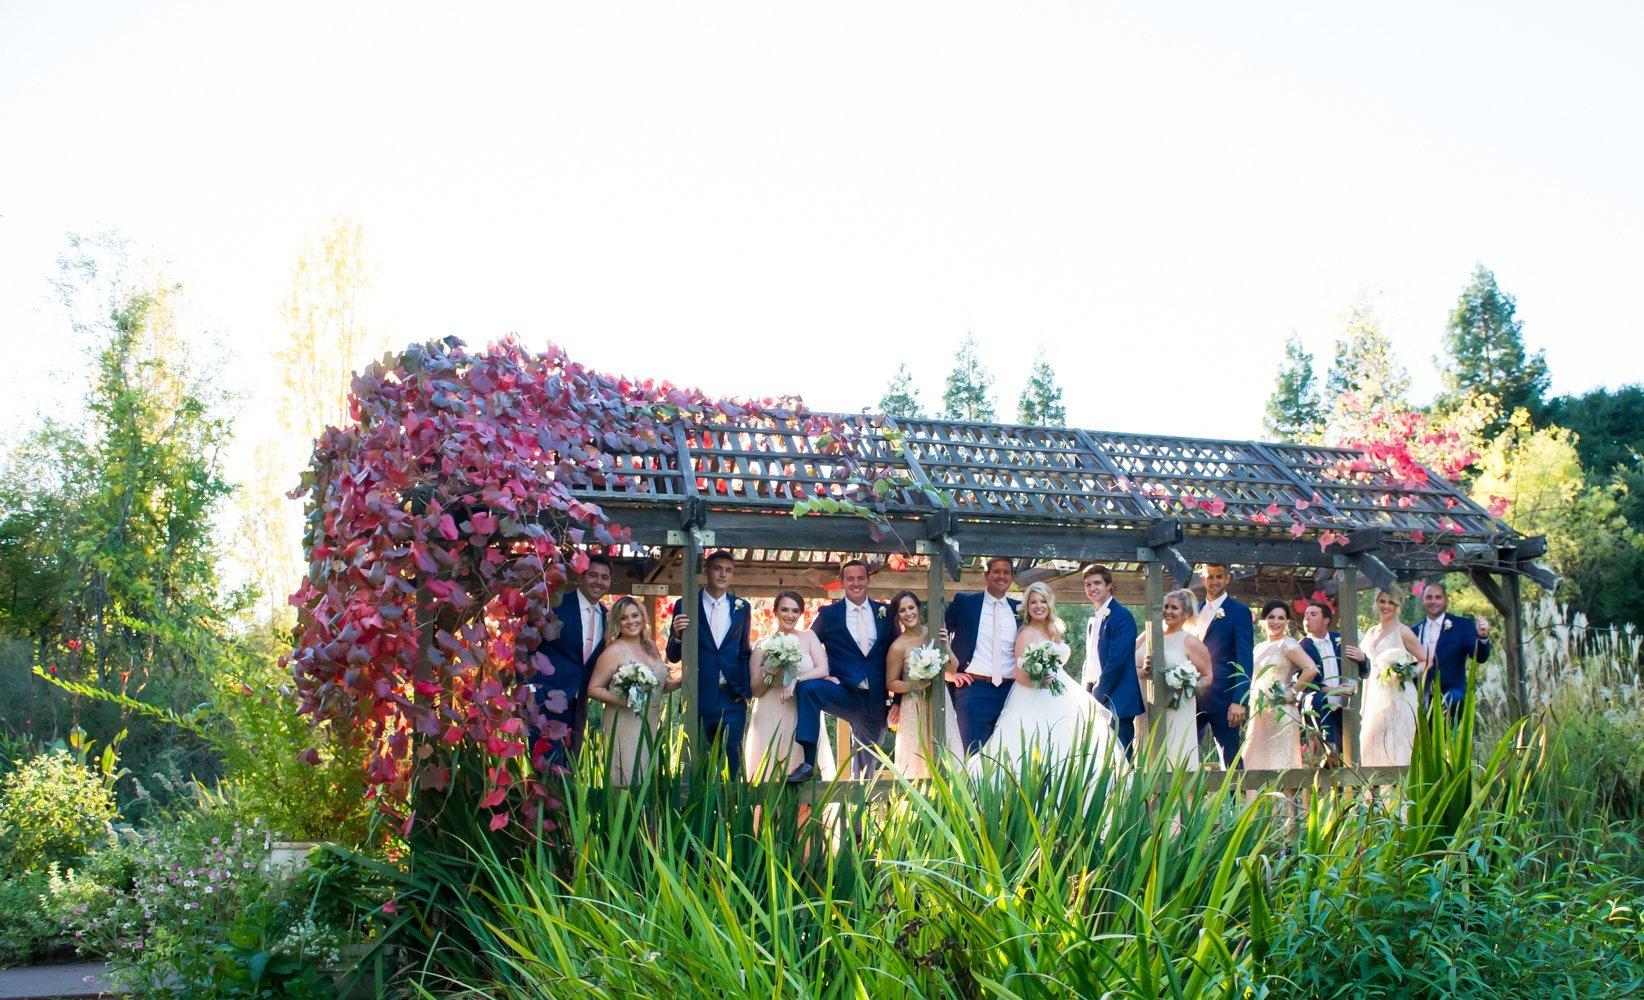 Hans fahden wedding photos Hans Fahden weddings, Calistoga wedding photography